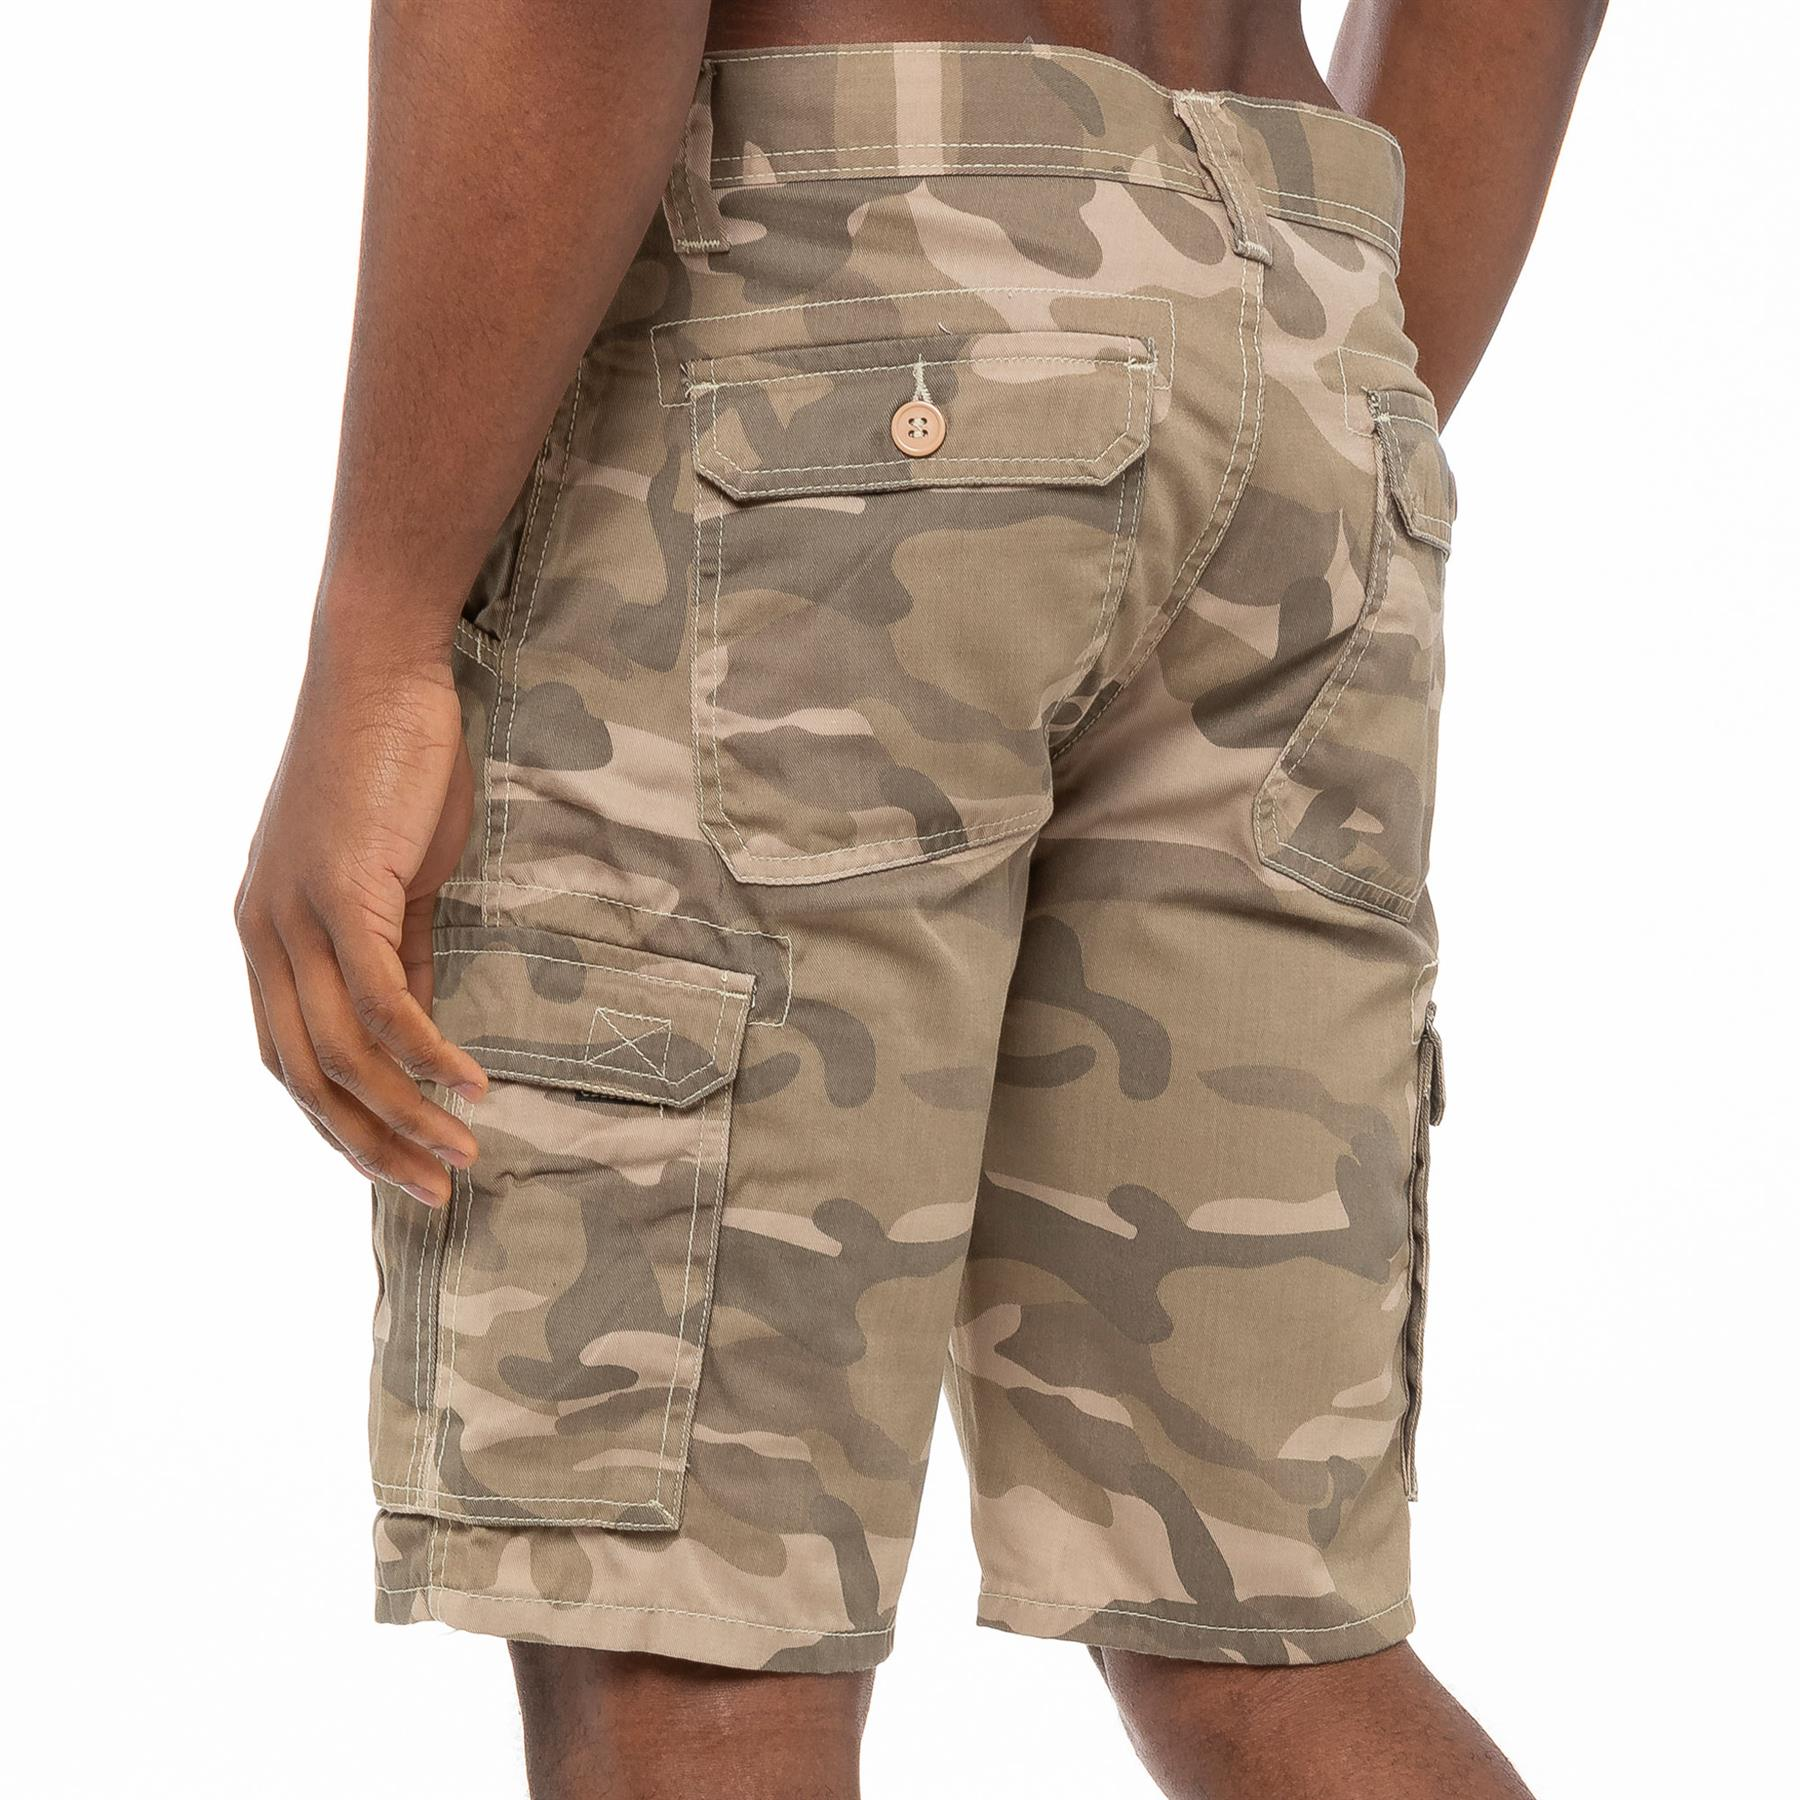 Nuevo Kruze Jeans para Hombre Combate Camuflaje Pantalones Cortos Casual Trabajo